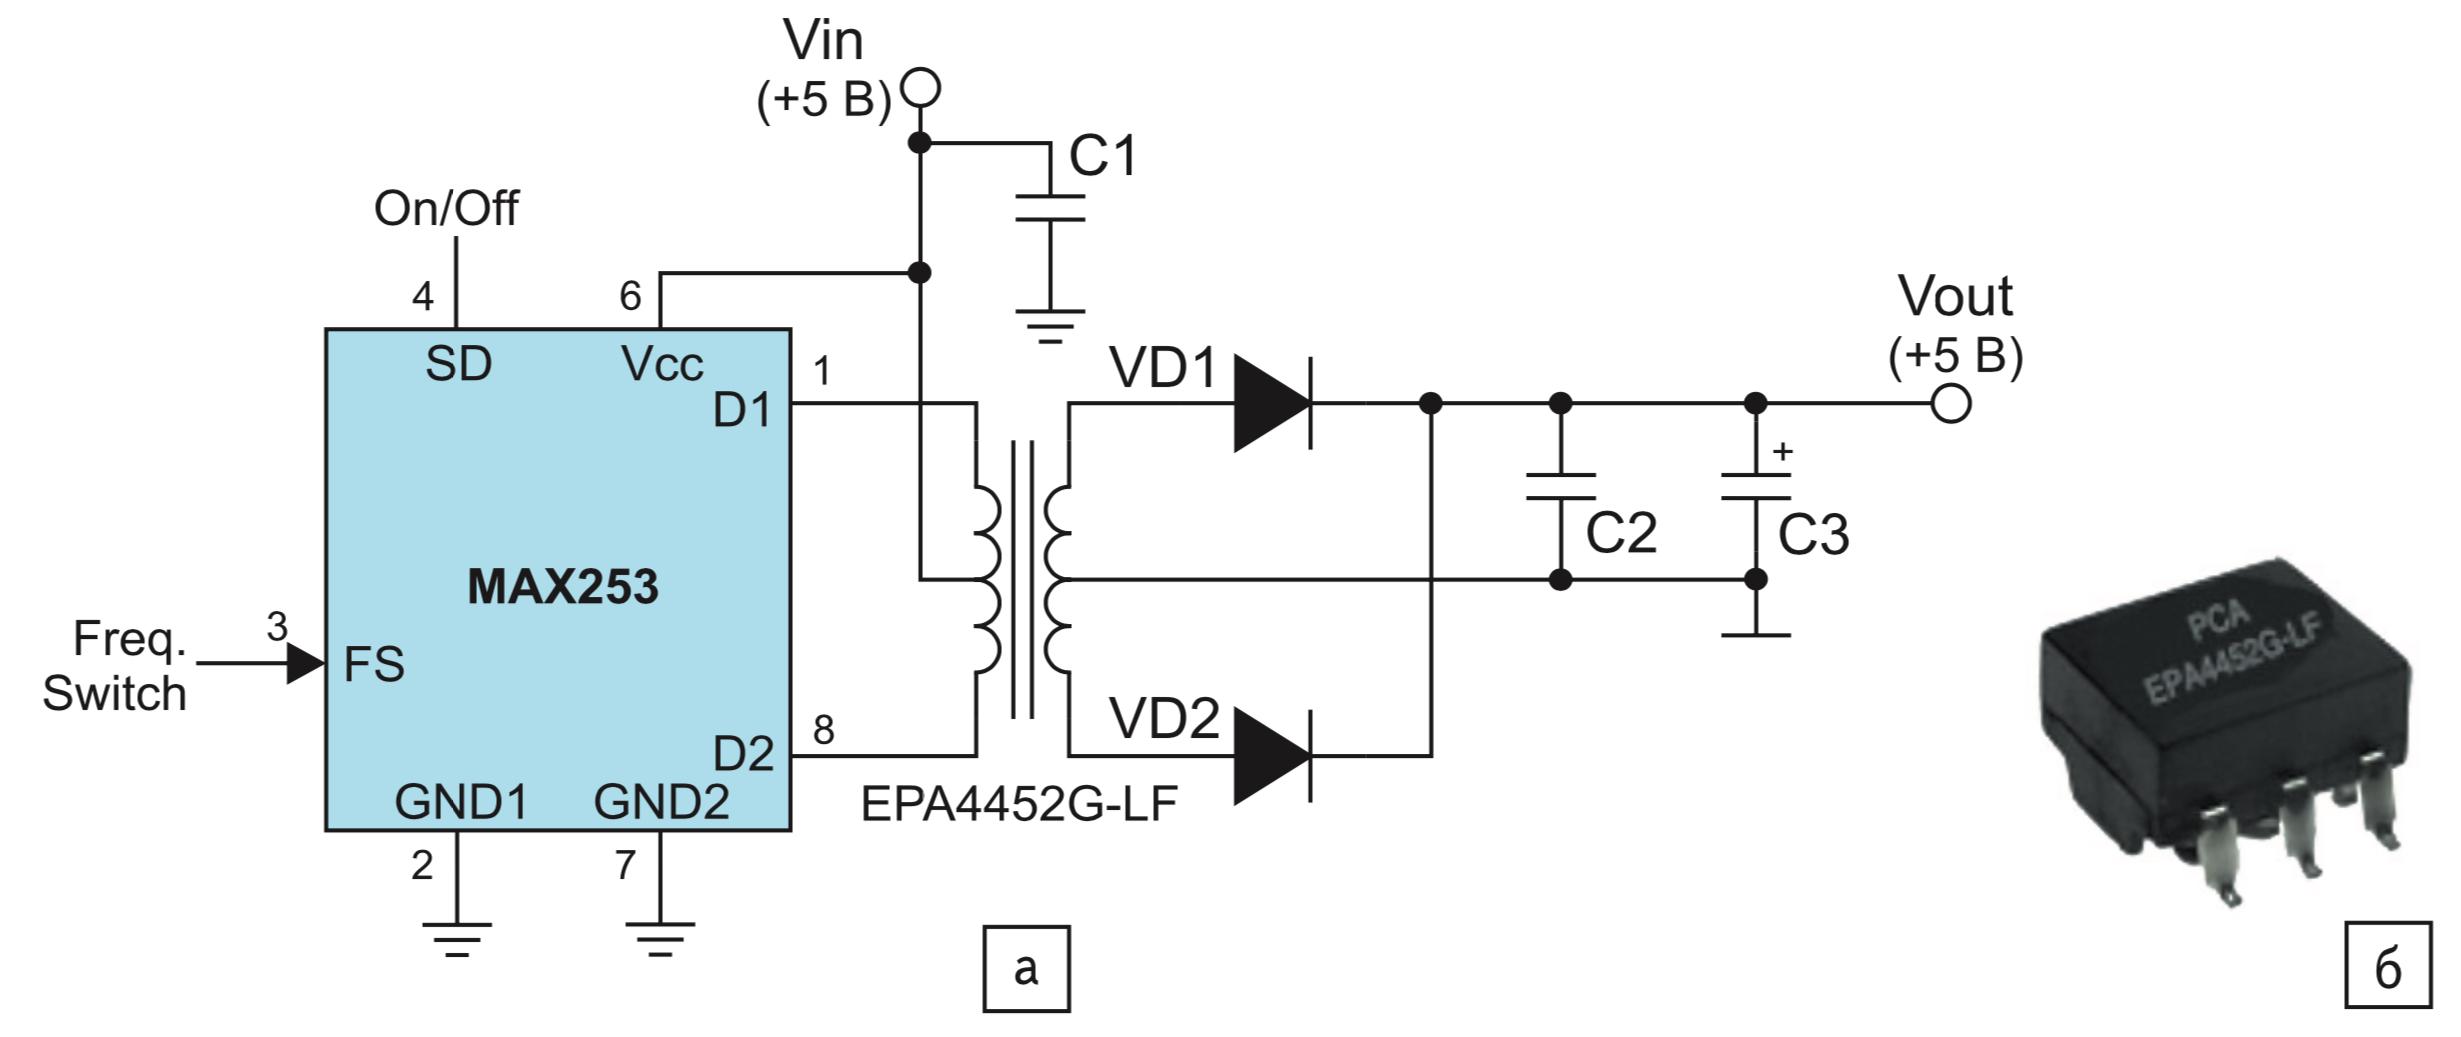 Трансформаторы EPA4452G-LF: типовая схема применения и внешний вид